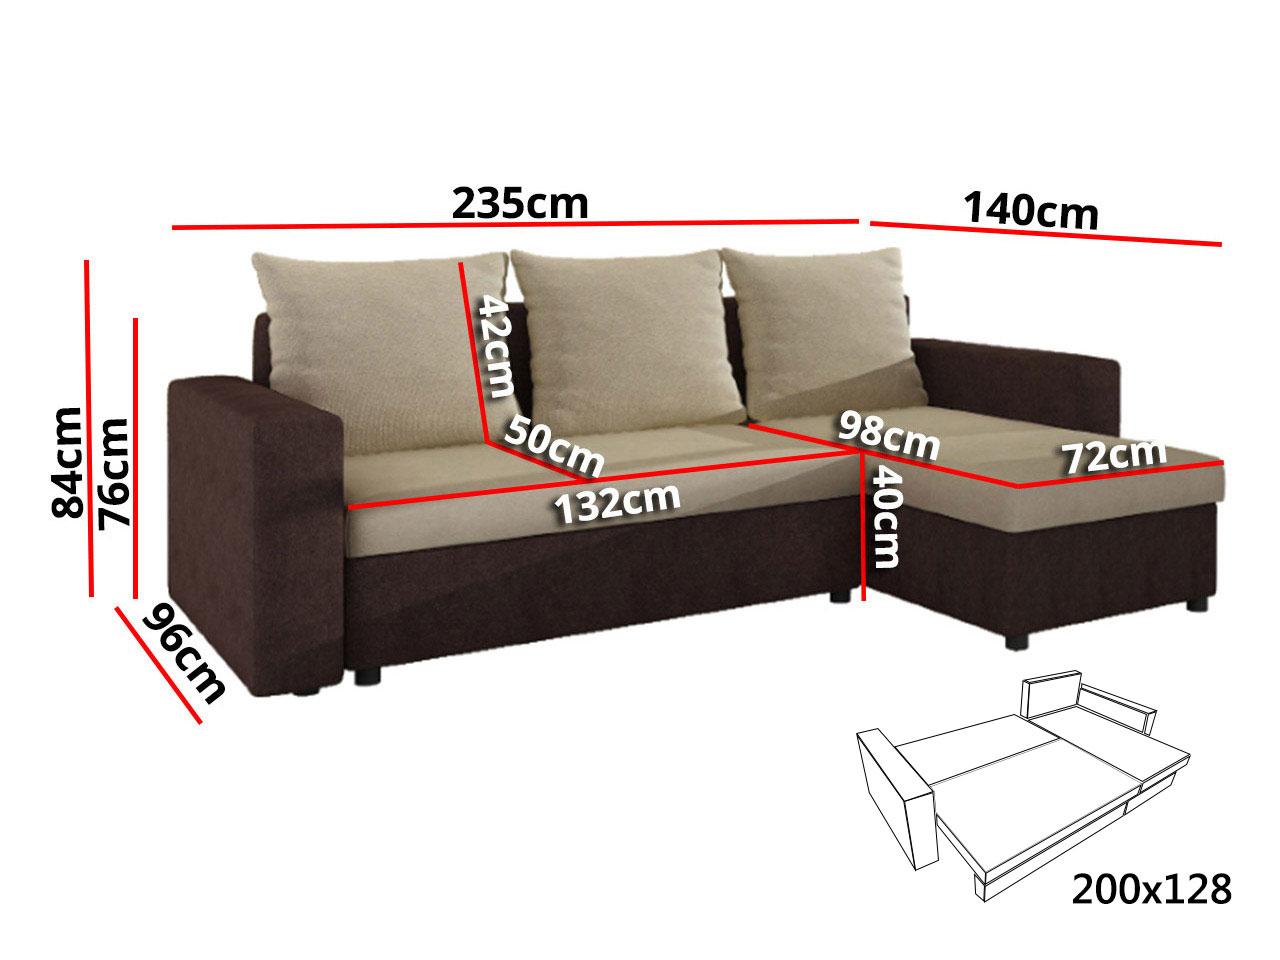 Ecksofa Top Lux! mit Schlaffunktion! Eckcouch Sofagarnitur Sofa ...